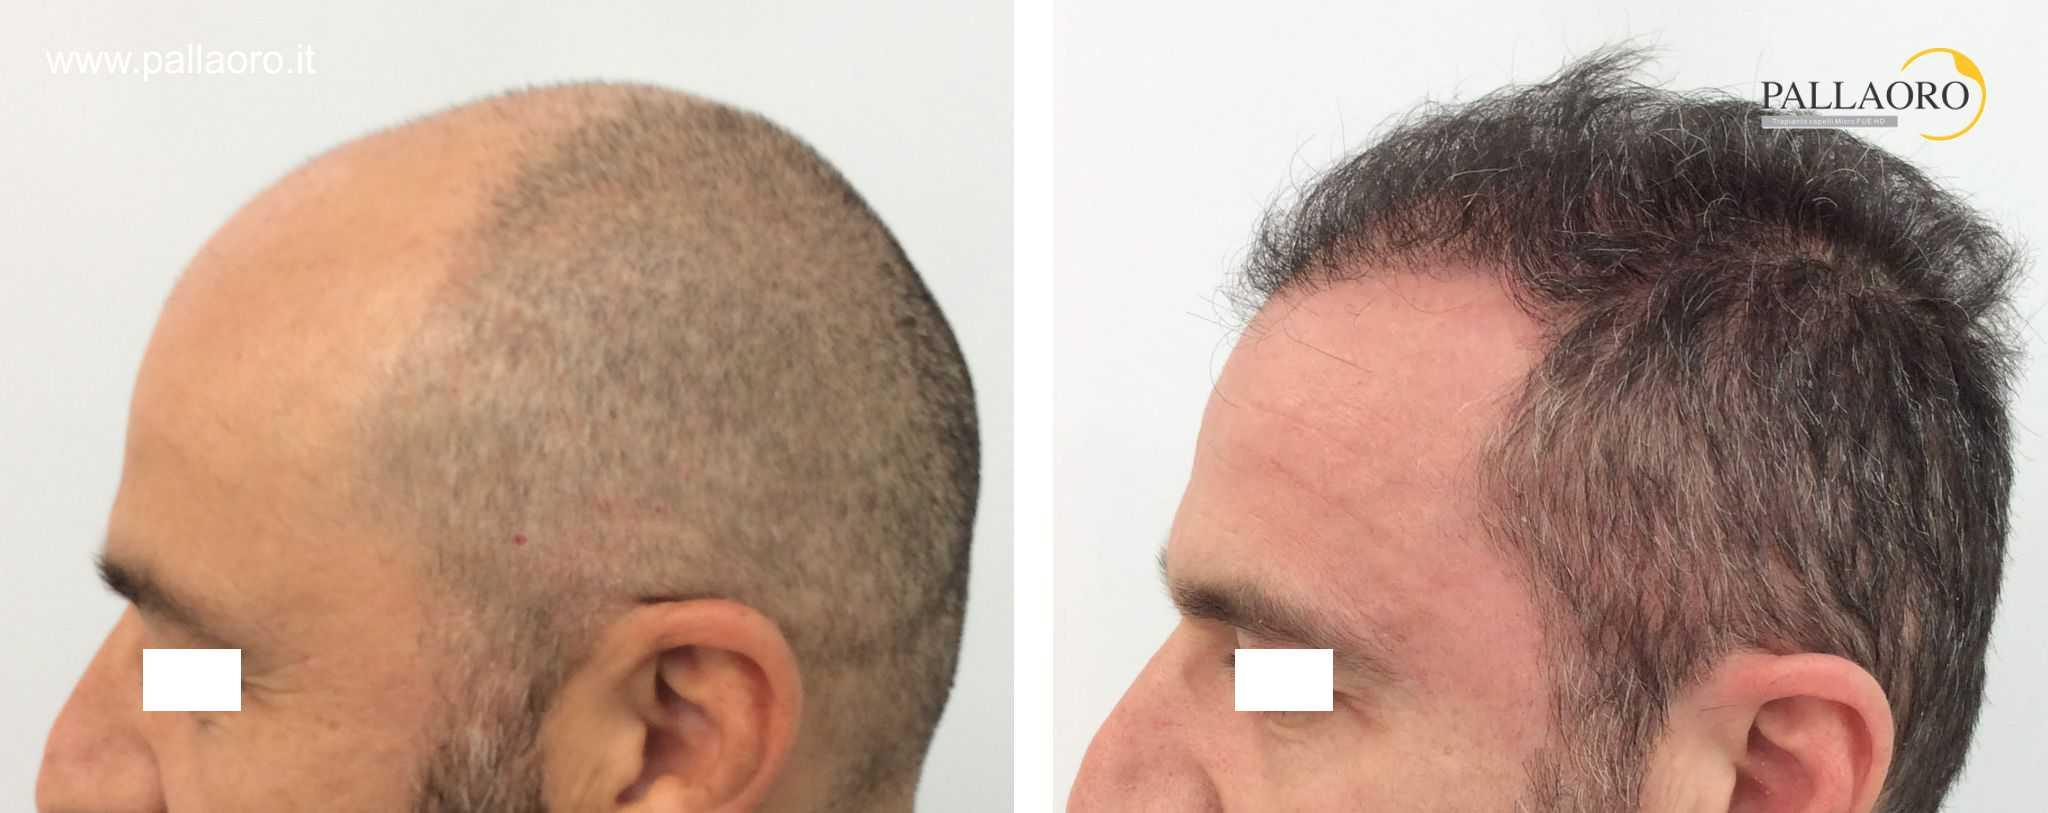 trapianto capelli 01092